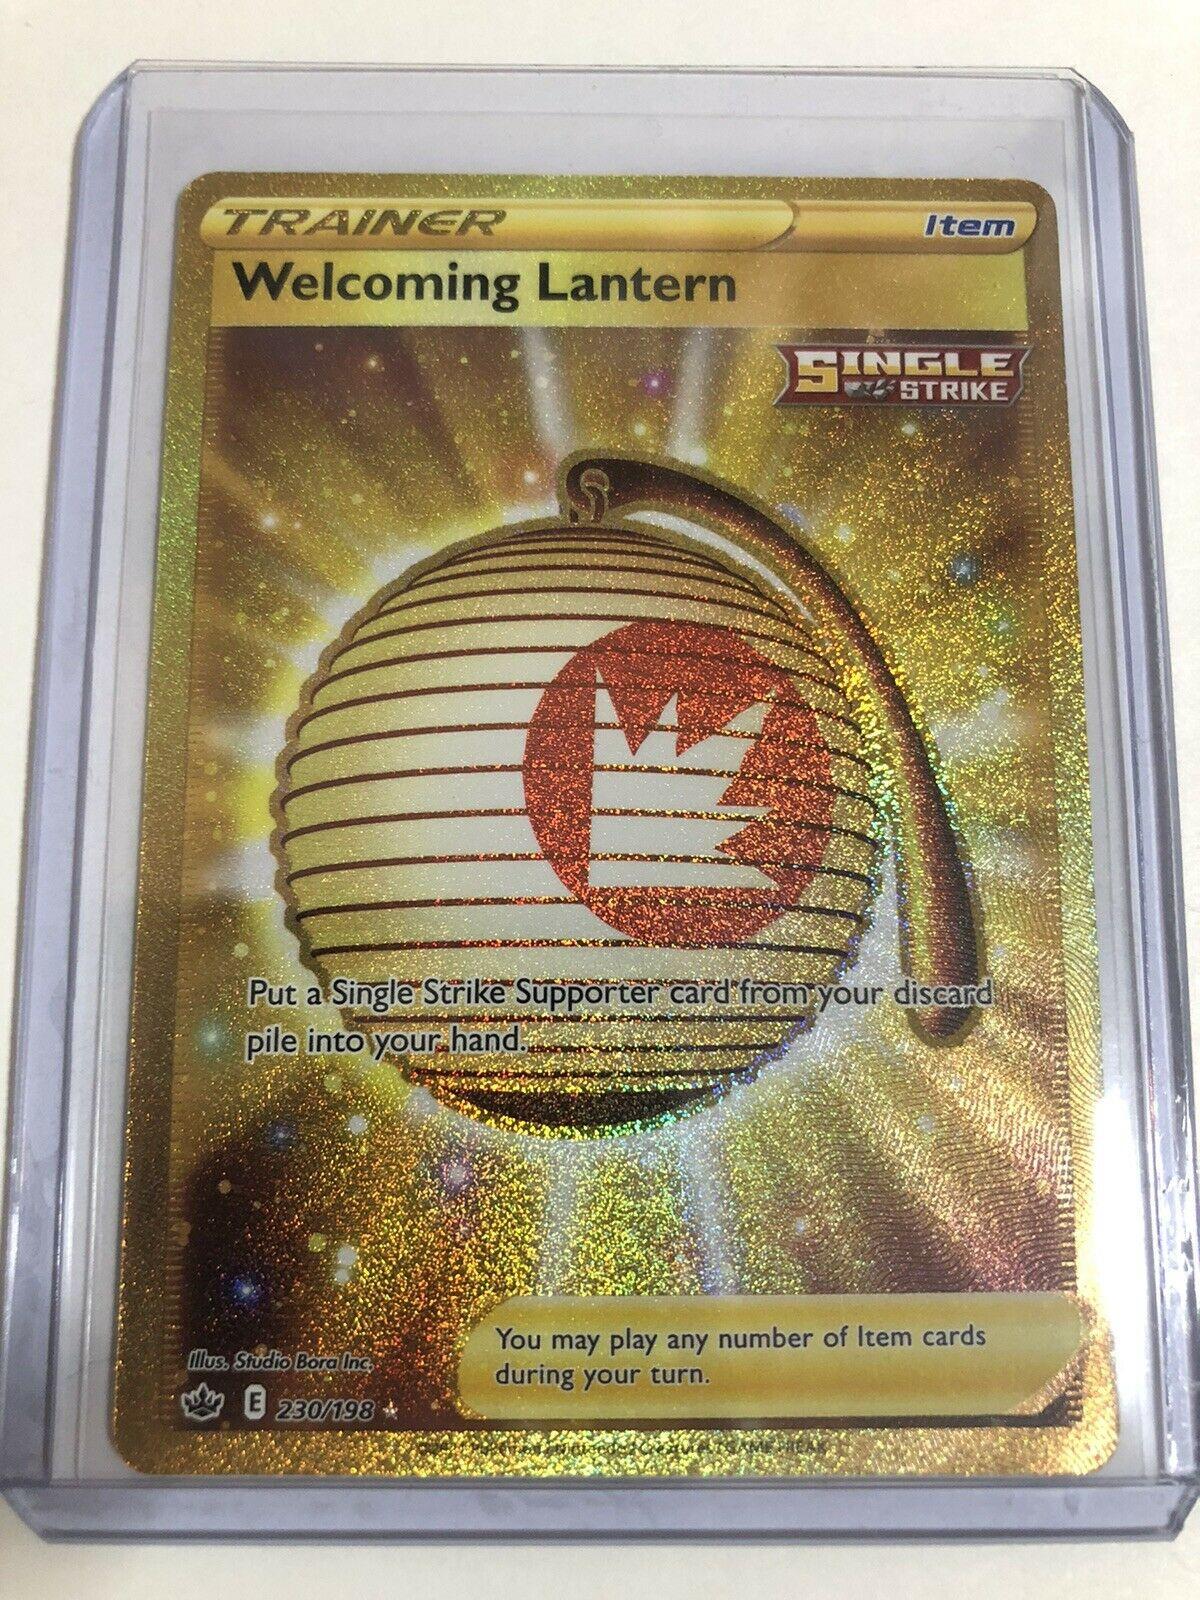 Welcoming Lantern 230/198 Gold Full Art Trainer Chilling Reign Secret Rare